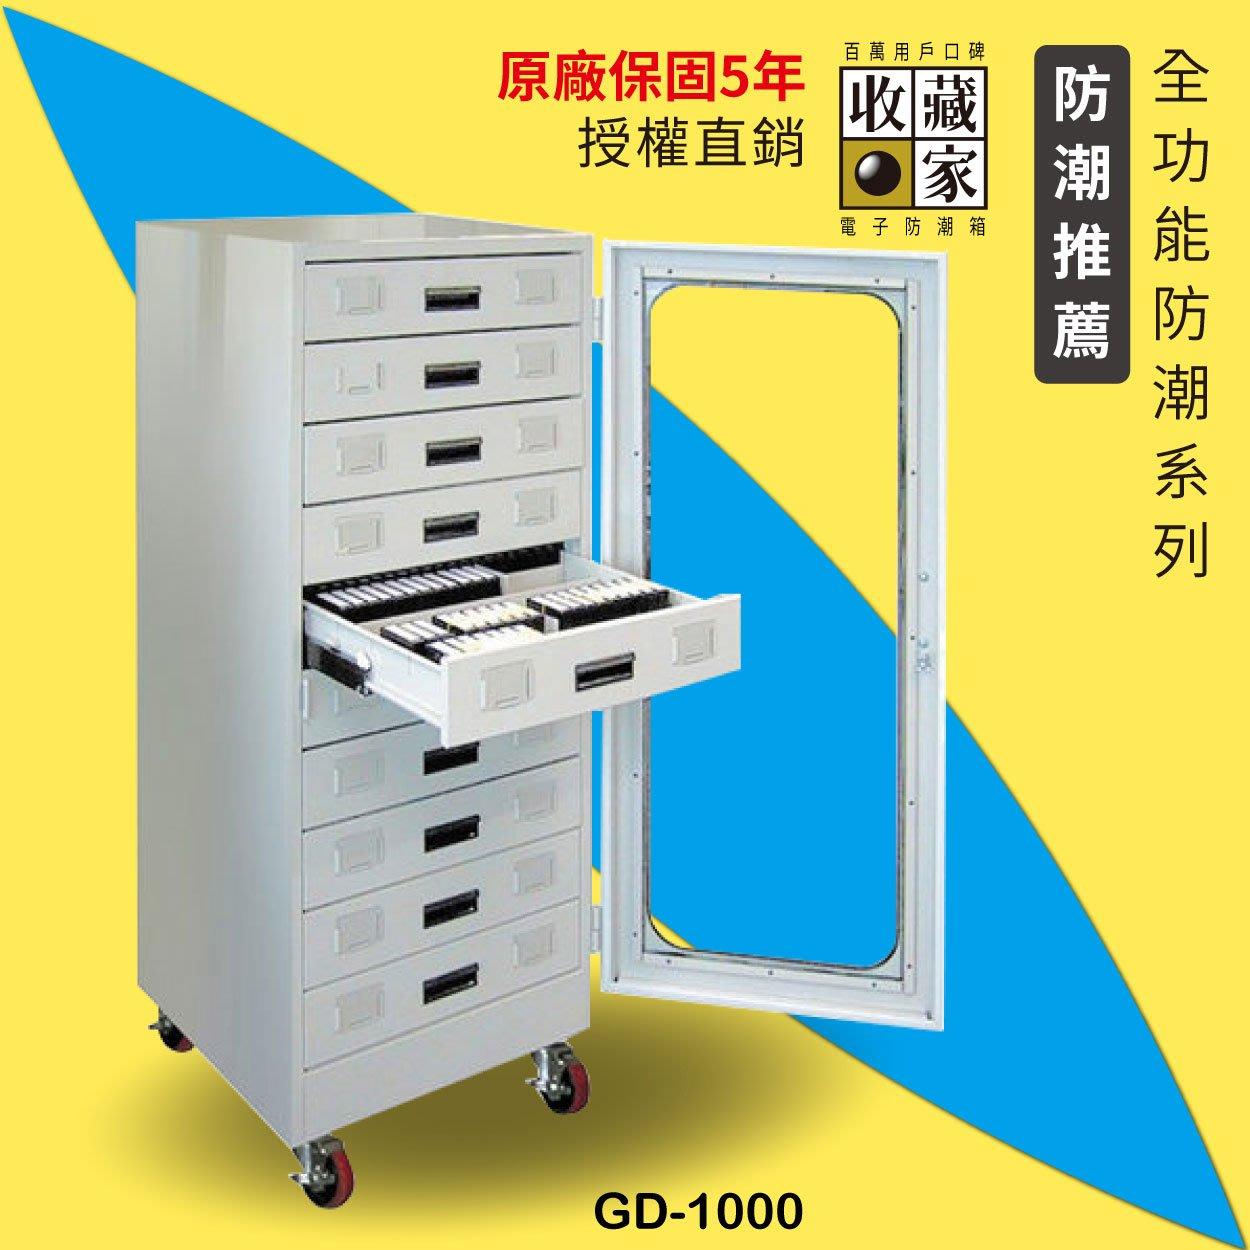 【勇氣盒子】防潮箱 GD-1000 抽屜式大型除濕主機電子防潮箱(727公升) 除濕 乾燥 防霉 單眼收藏